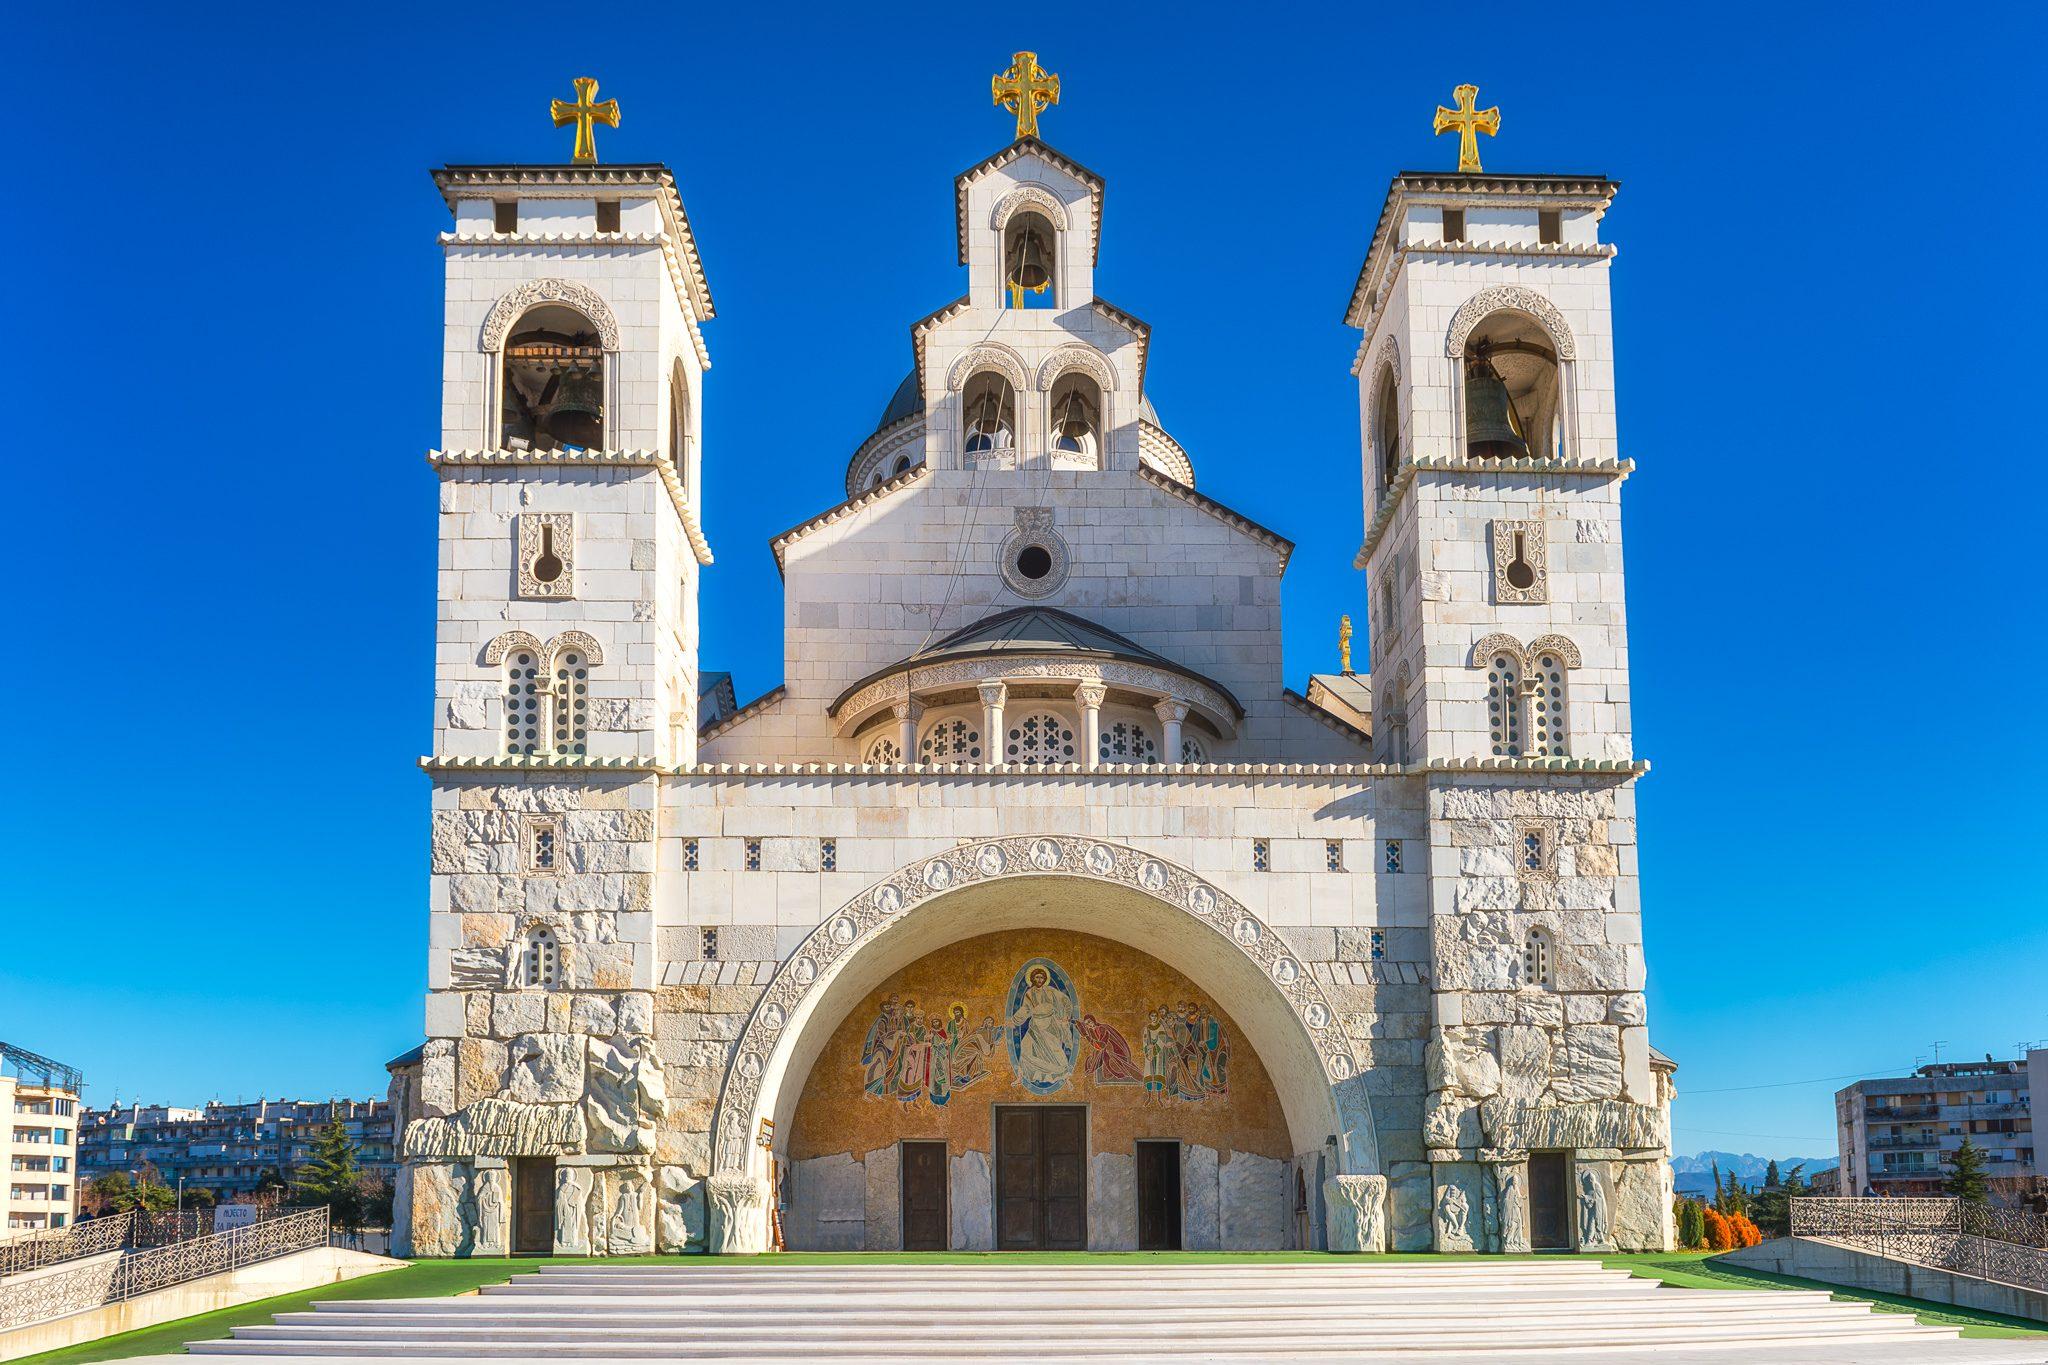 Die Kathedrale der Auferstehung Christi in Podgorica, Montenegro, ein Zeichen moderner Architektur mit byzantinischen Elementen.